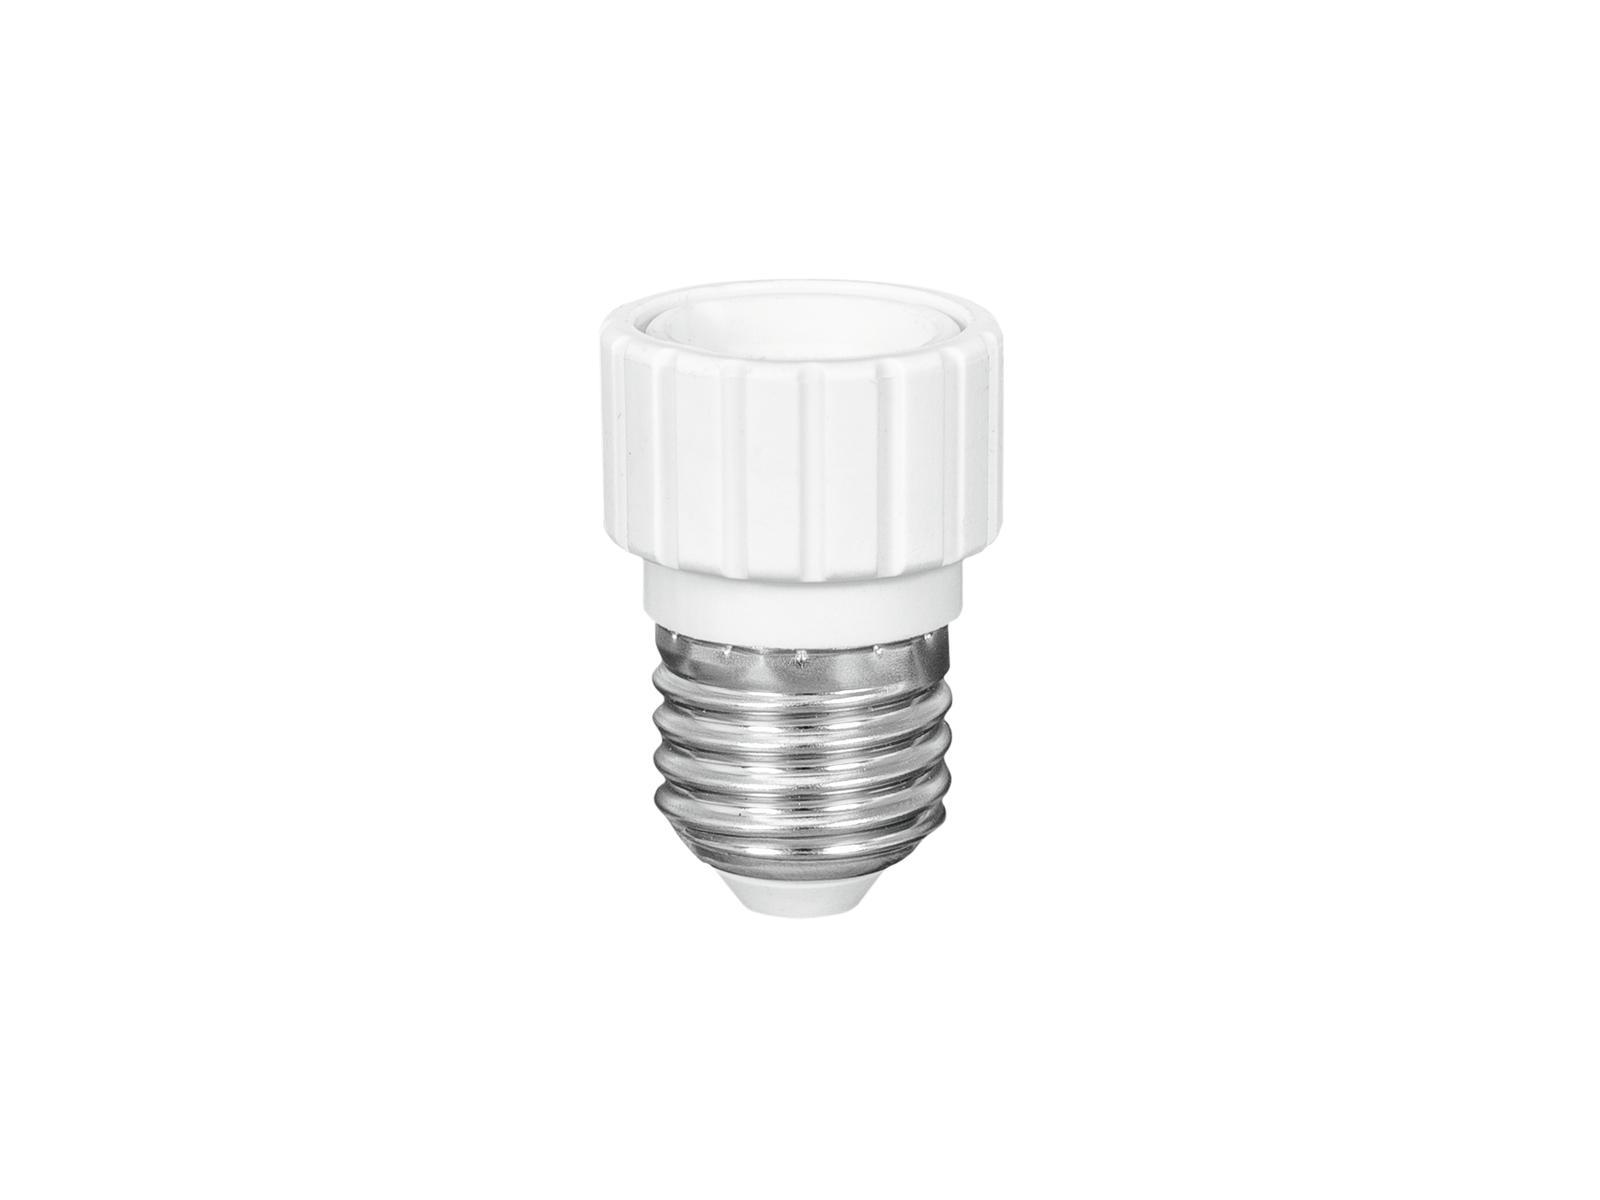 Eurolite adaptér patice E27/GU10